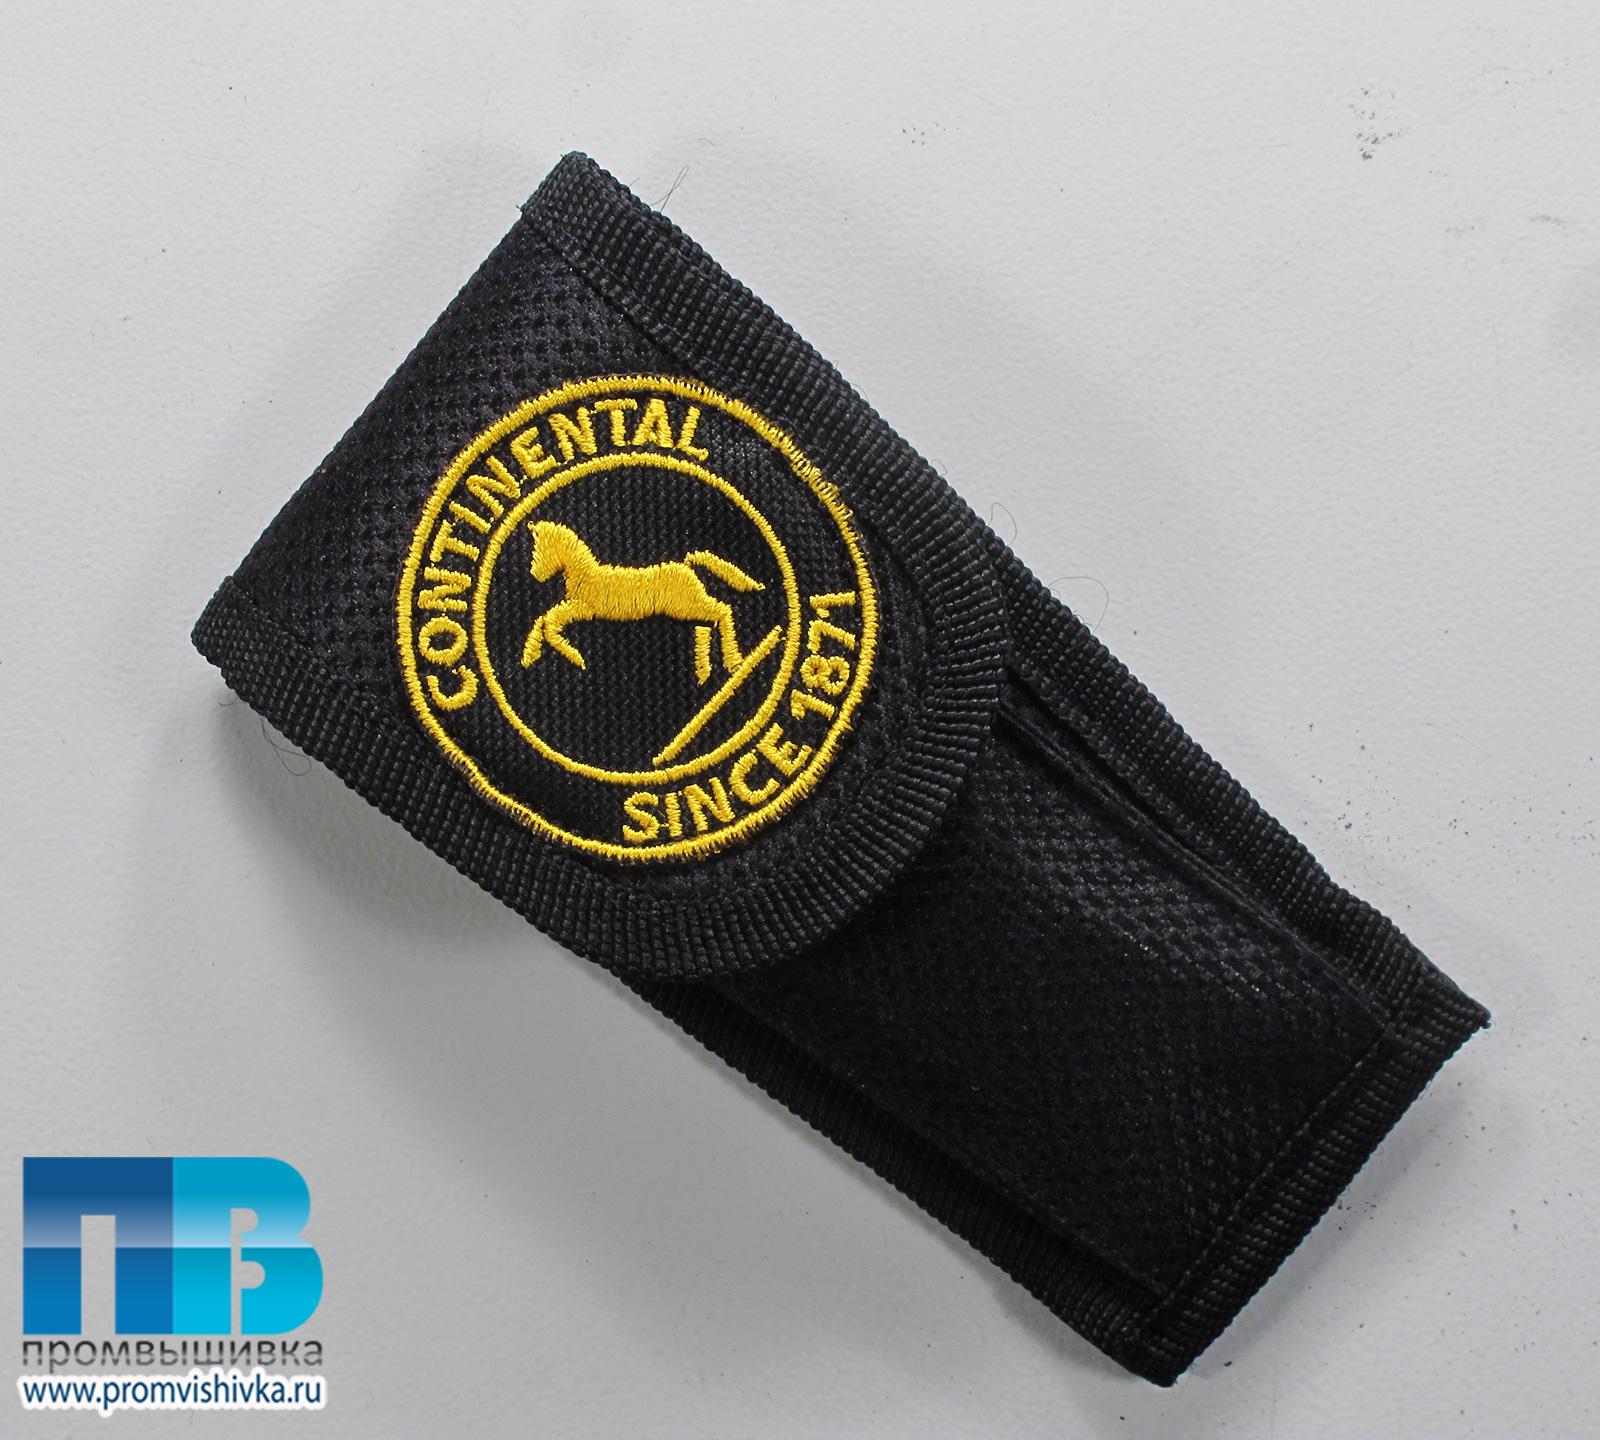 Вышивка на ремнях, кошельках и кожгалантерее 8dc43e96a05